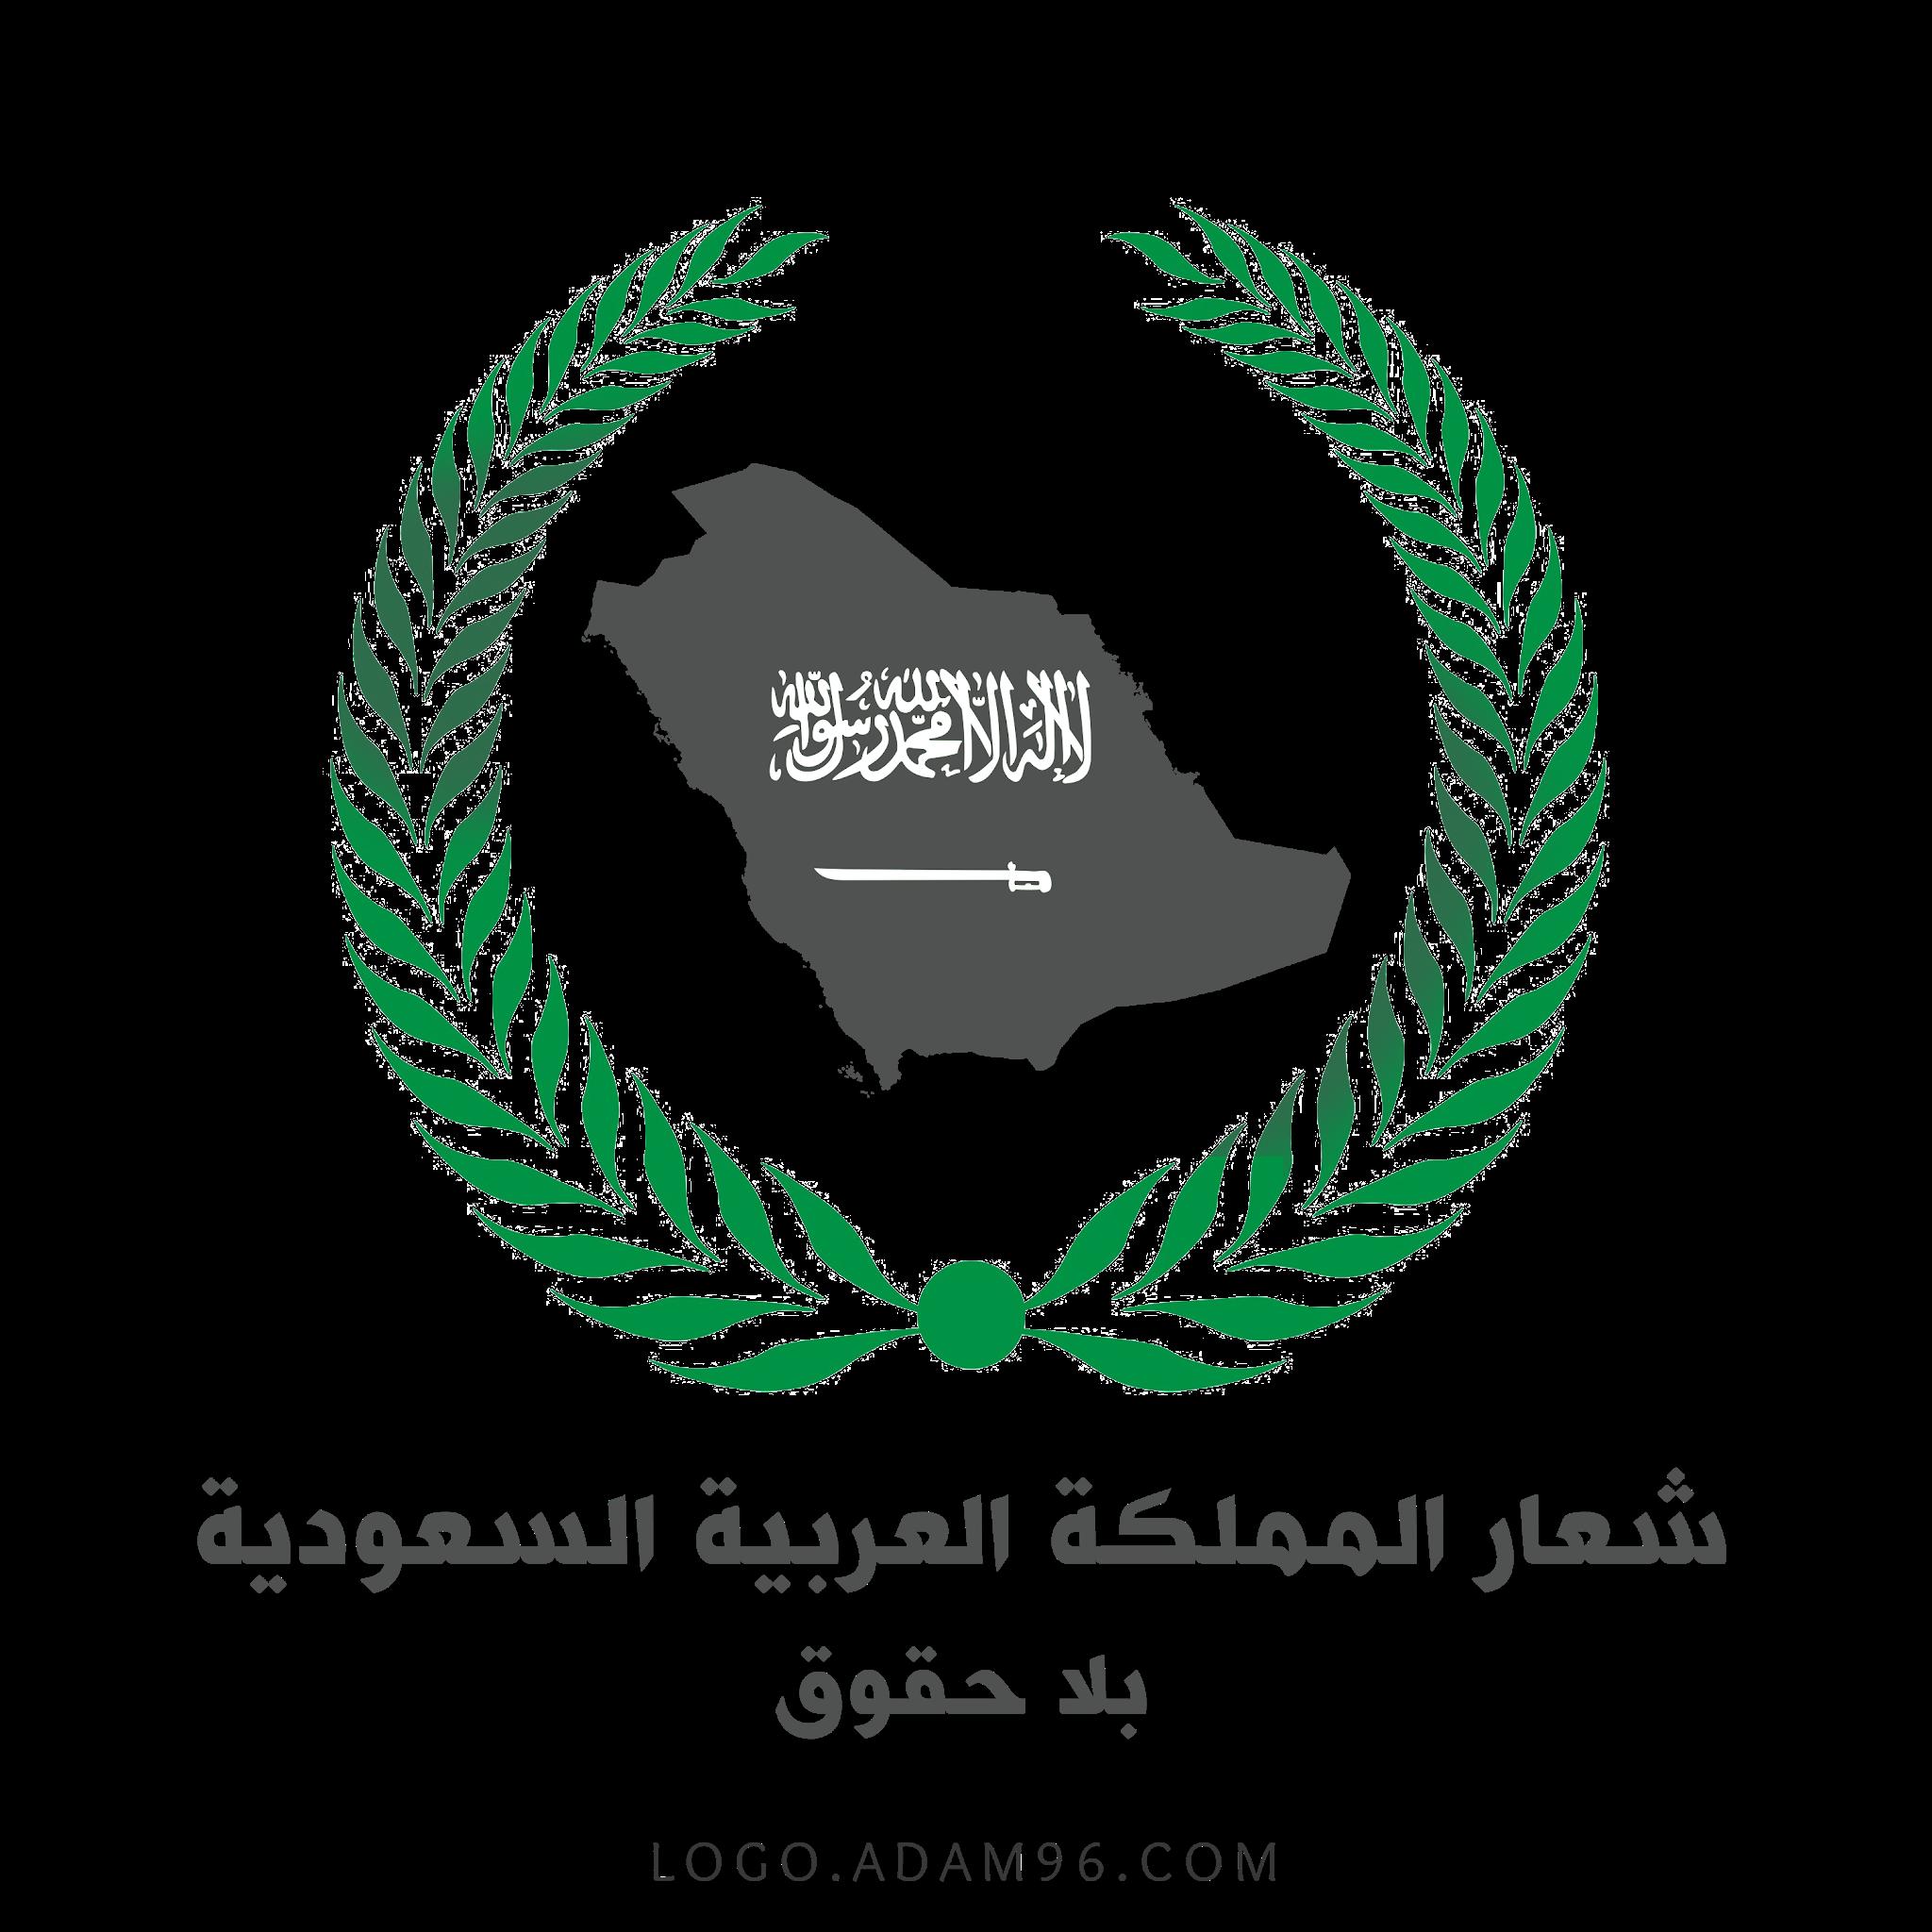 تحميل شعار المملكة العربية السعودية لوجو عالي الدقة بلا حقوق مجاناً PNG